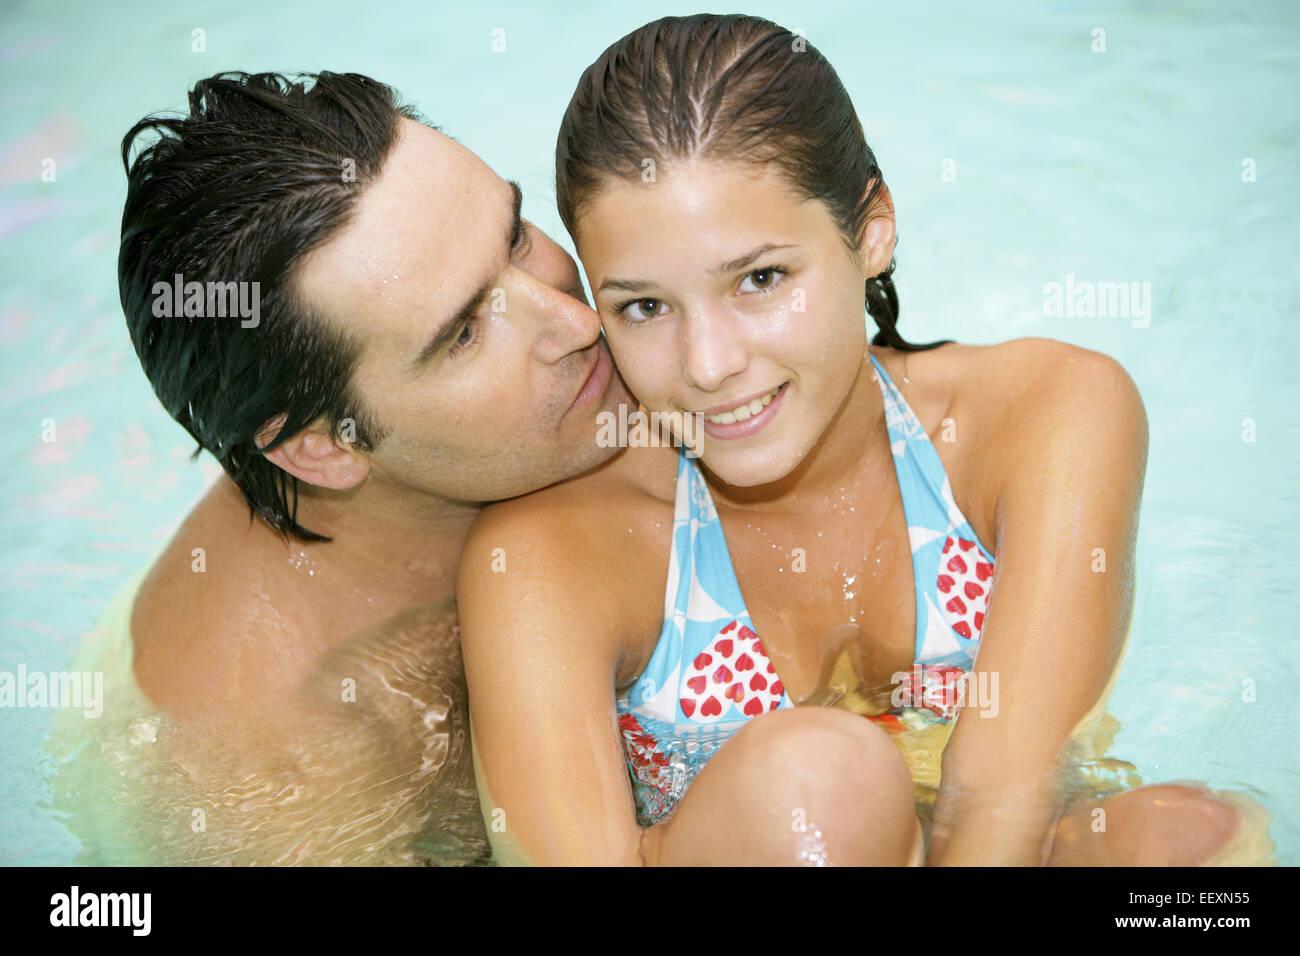 Paar Mann Frau Verliebt Flirt Flirten Gemeinsam Entspannung